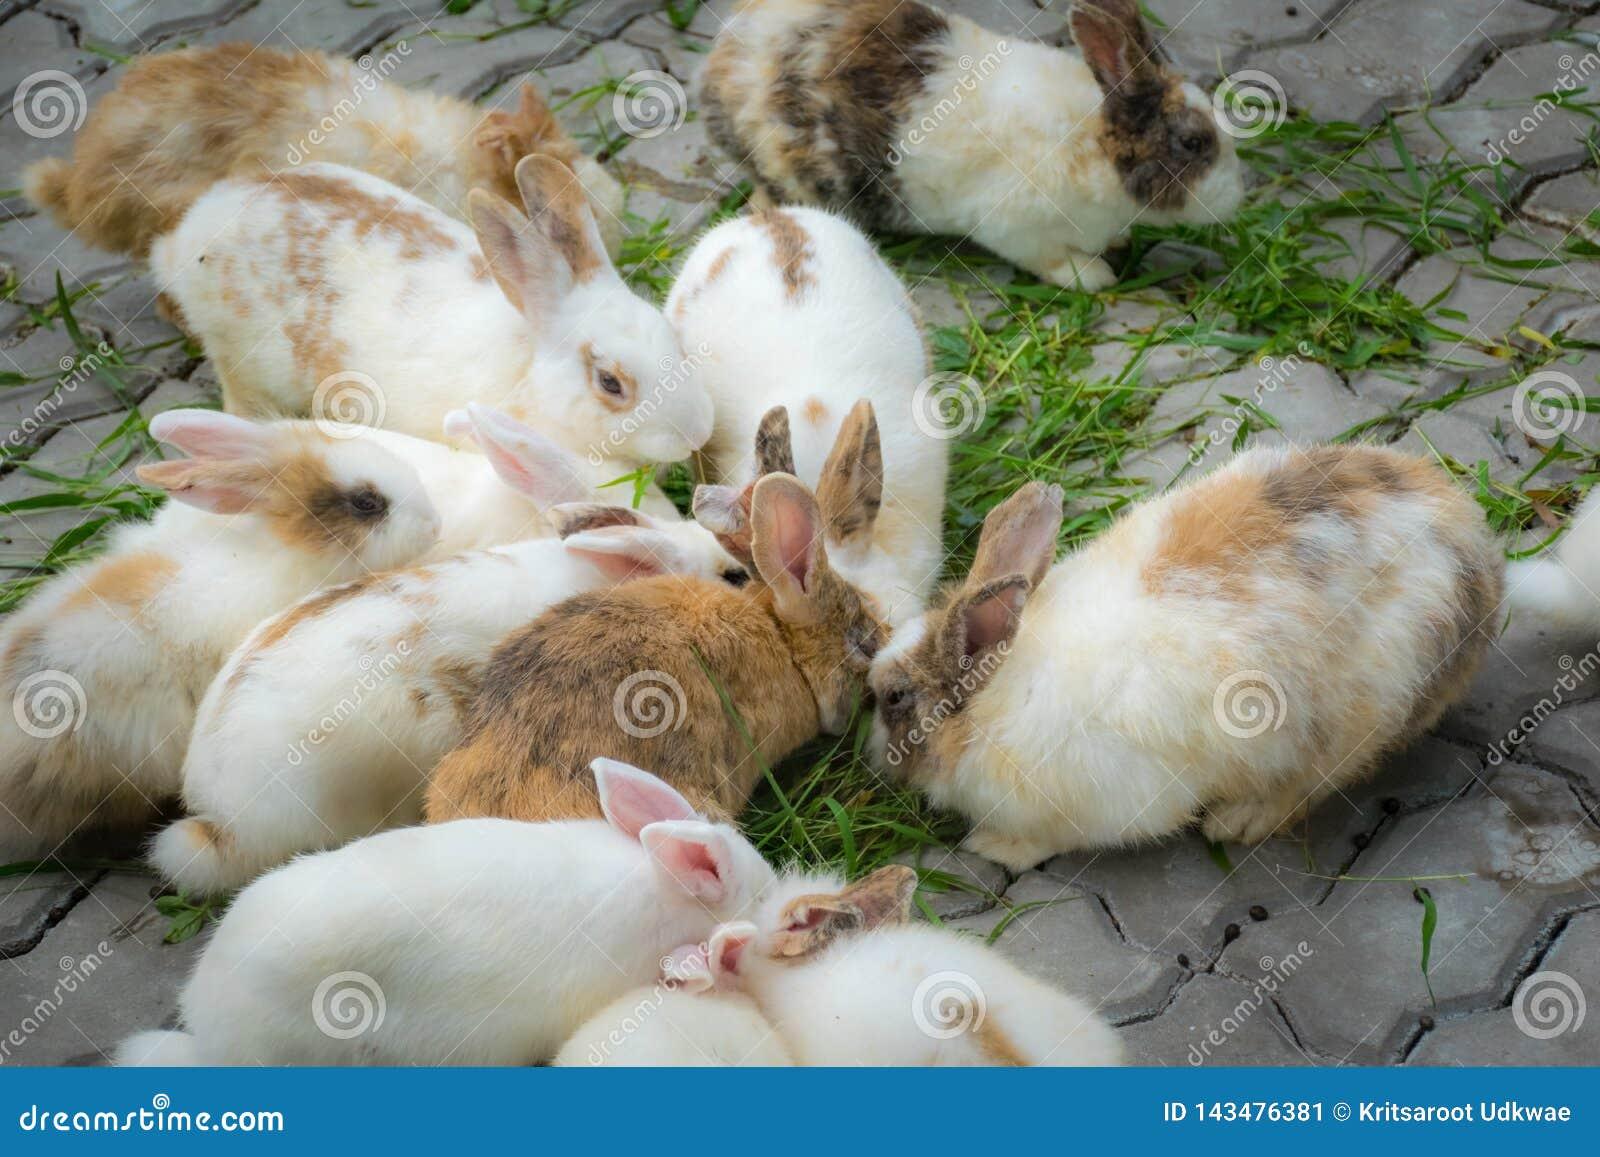 Förtjusande kaniner äter gräs på jordning